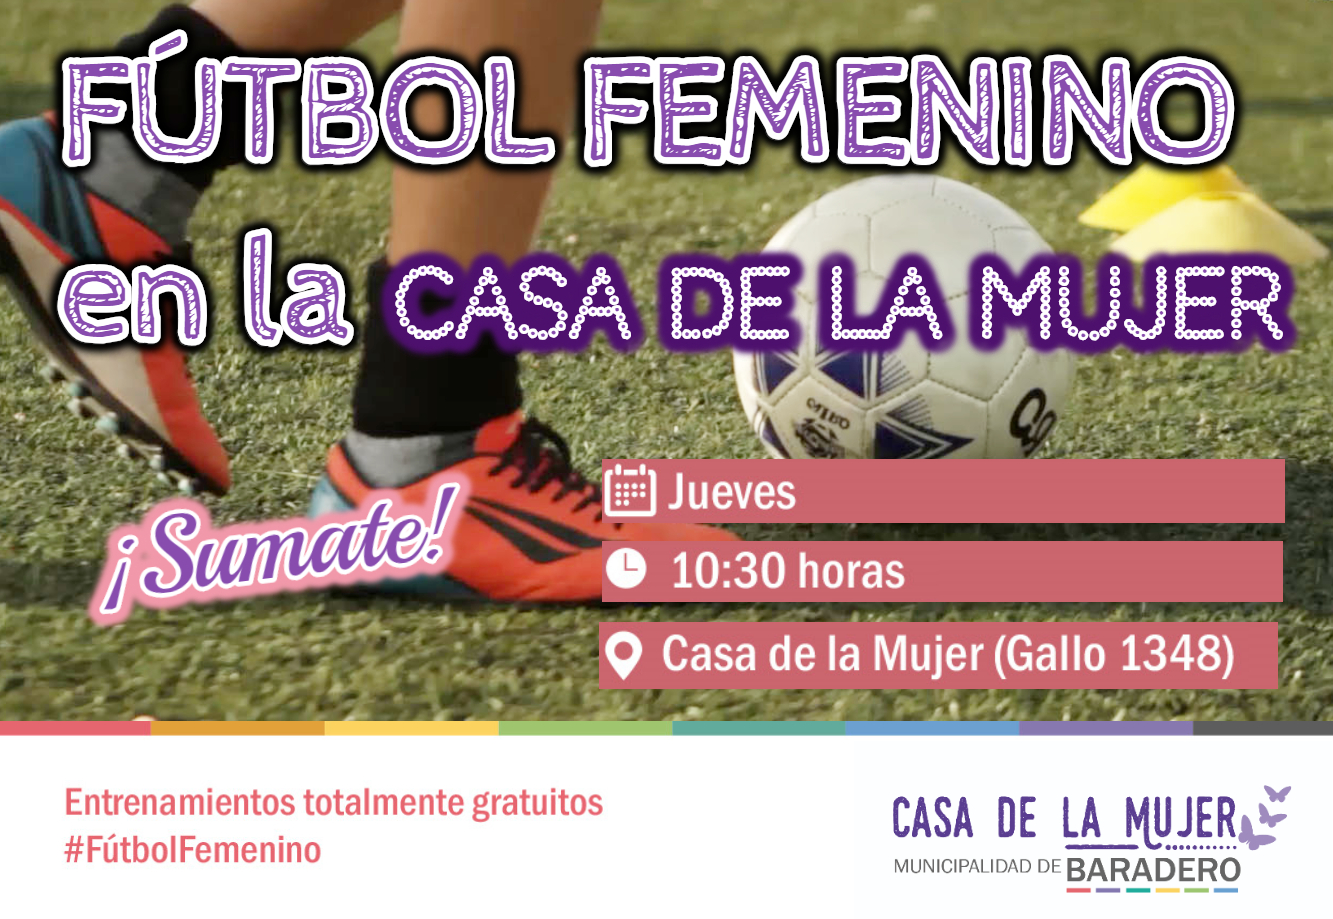 La Casa de la Mujer tiene el enorme desafío de reinsertar en su amplia  grilla de. actividades y talleres los entrenamientos de fútbol femenino ... 74af44e4e2418